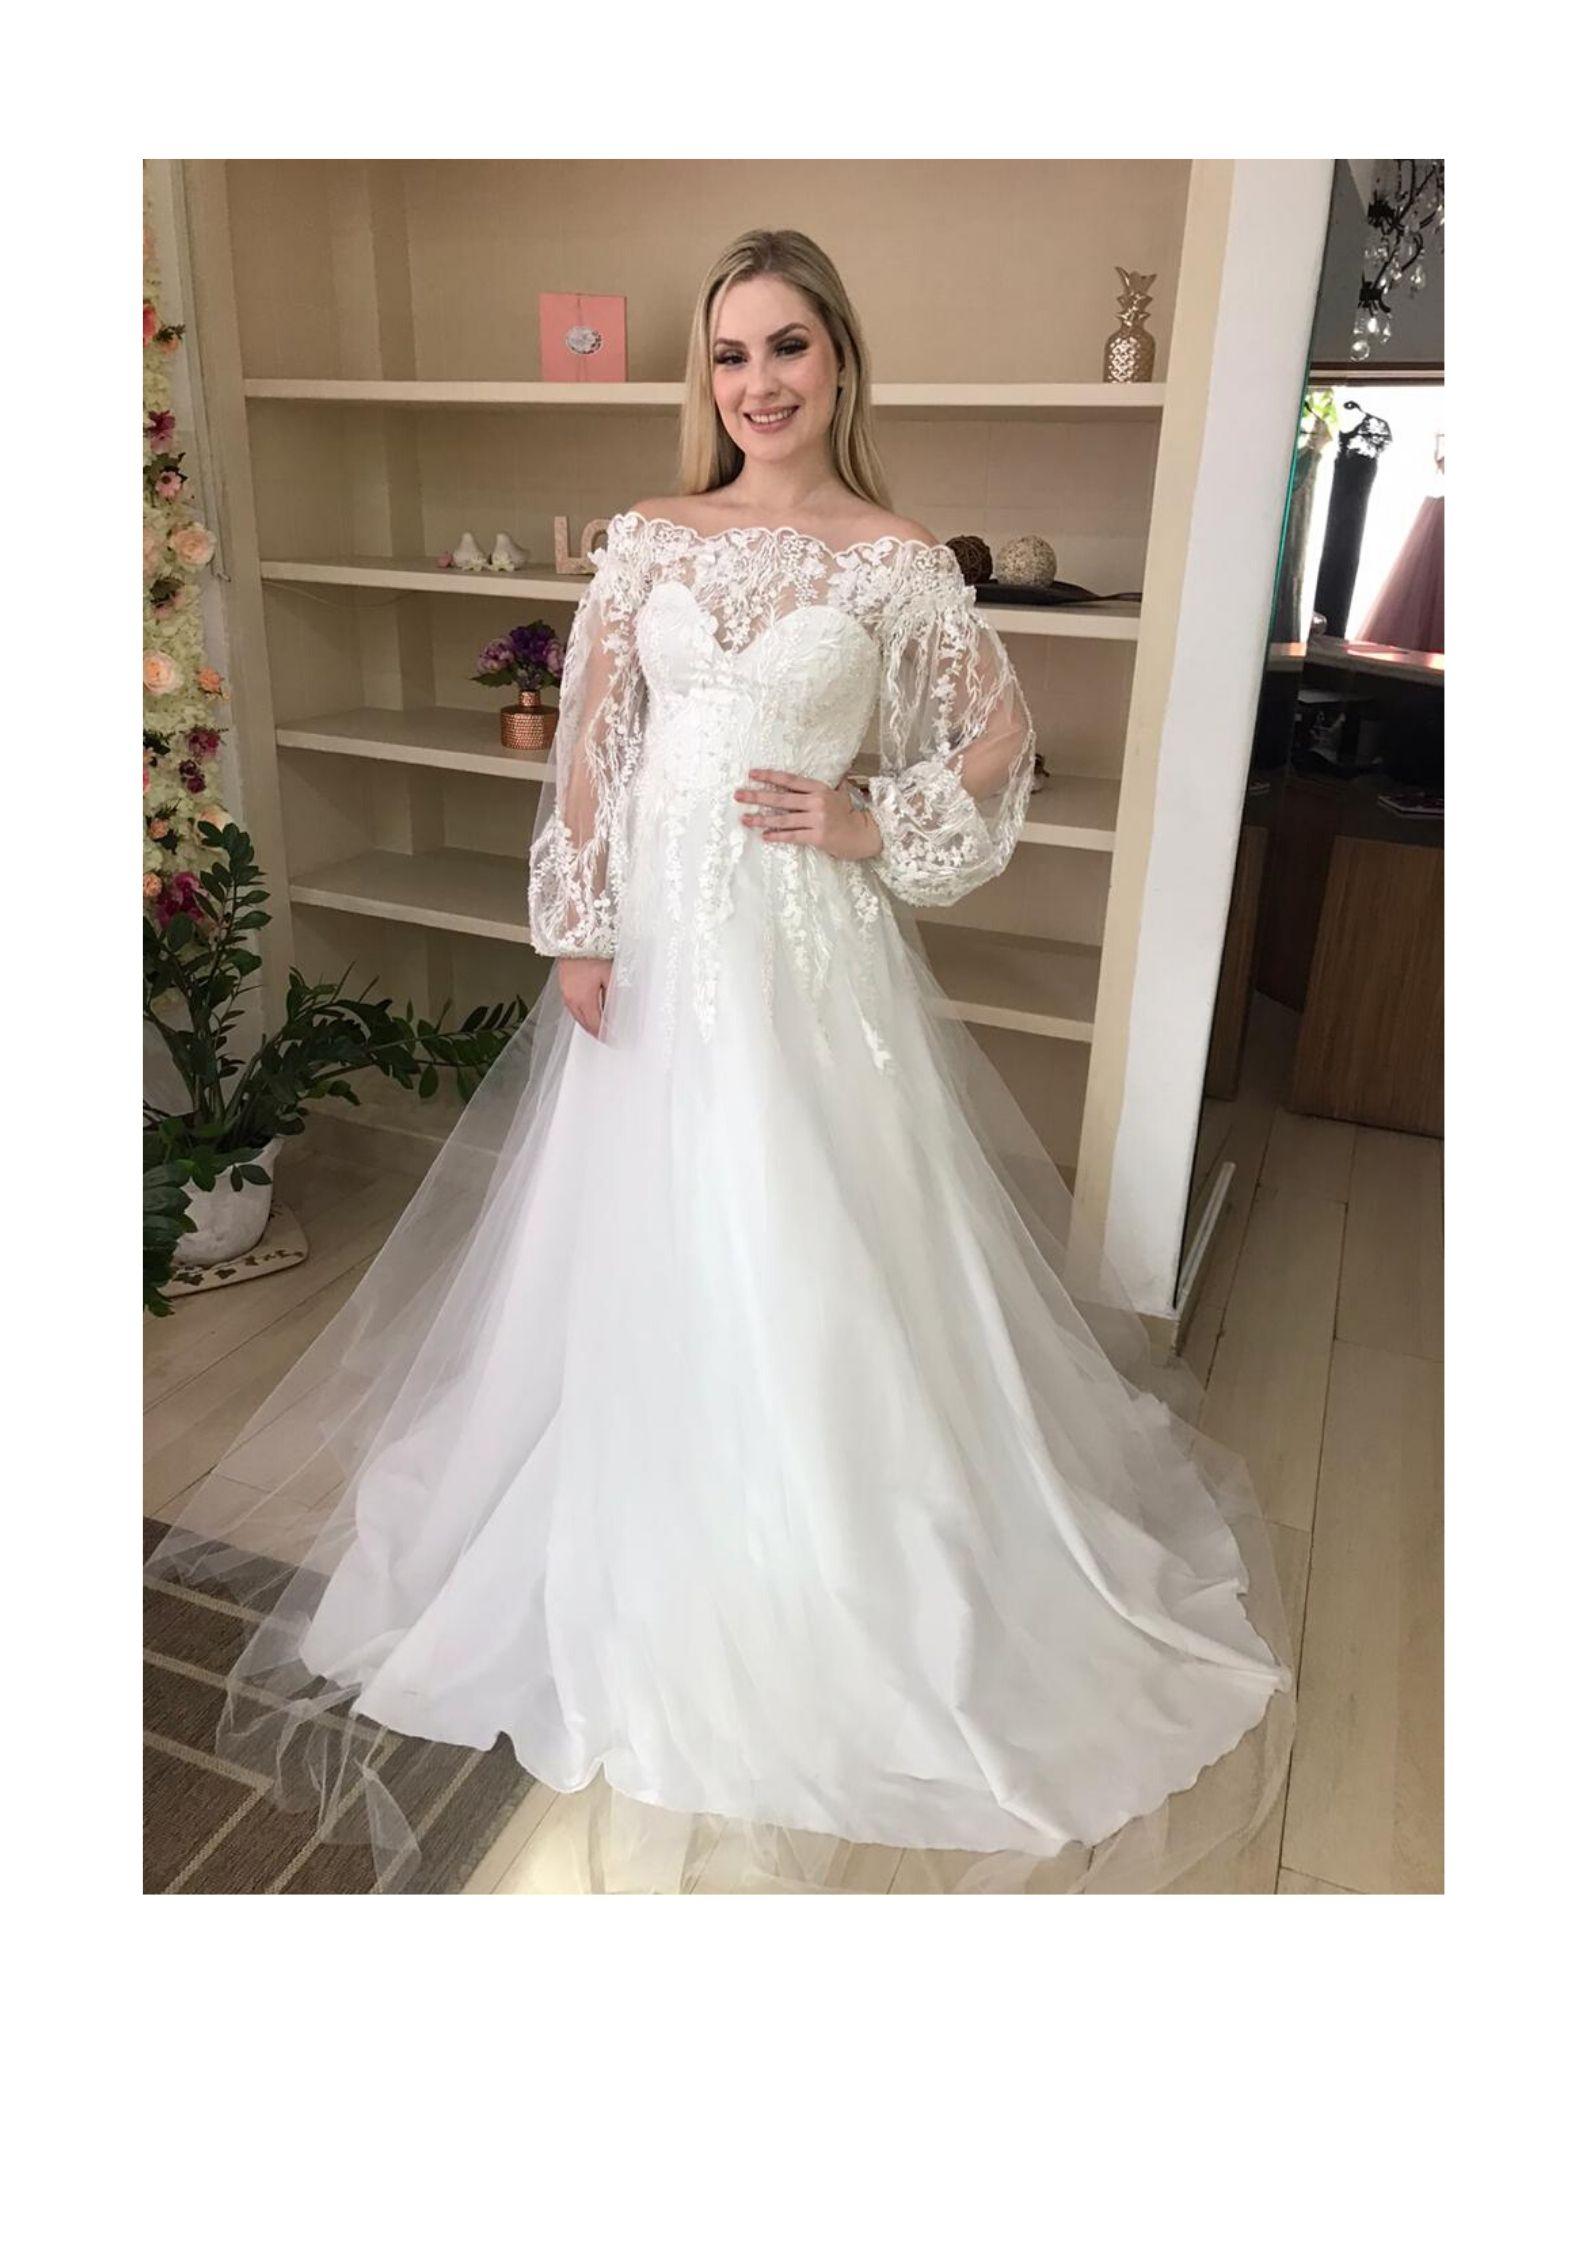 Vestido de noiva no bairro Tatuapé SP